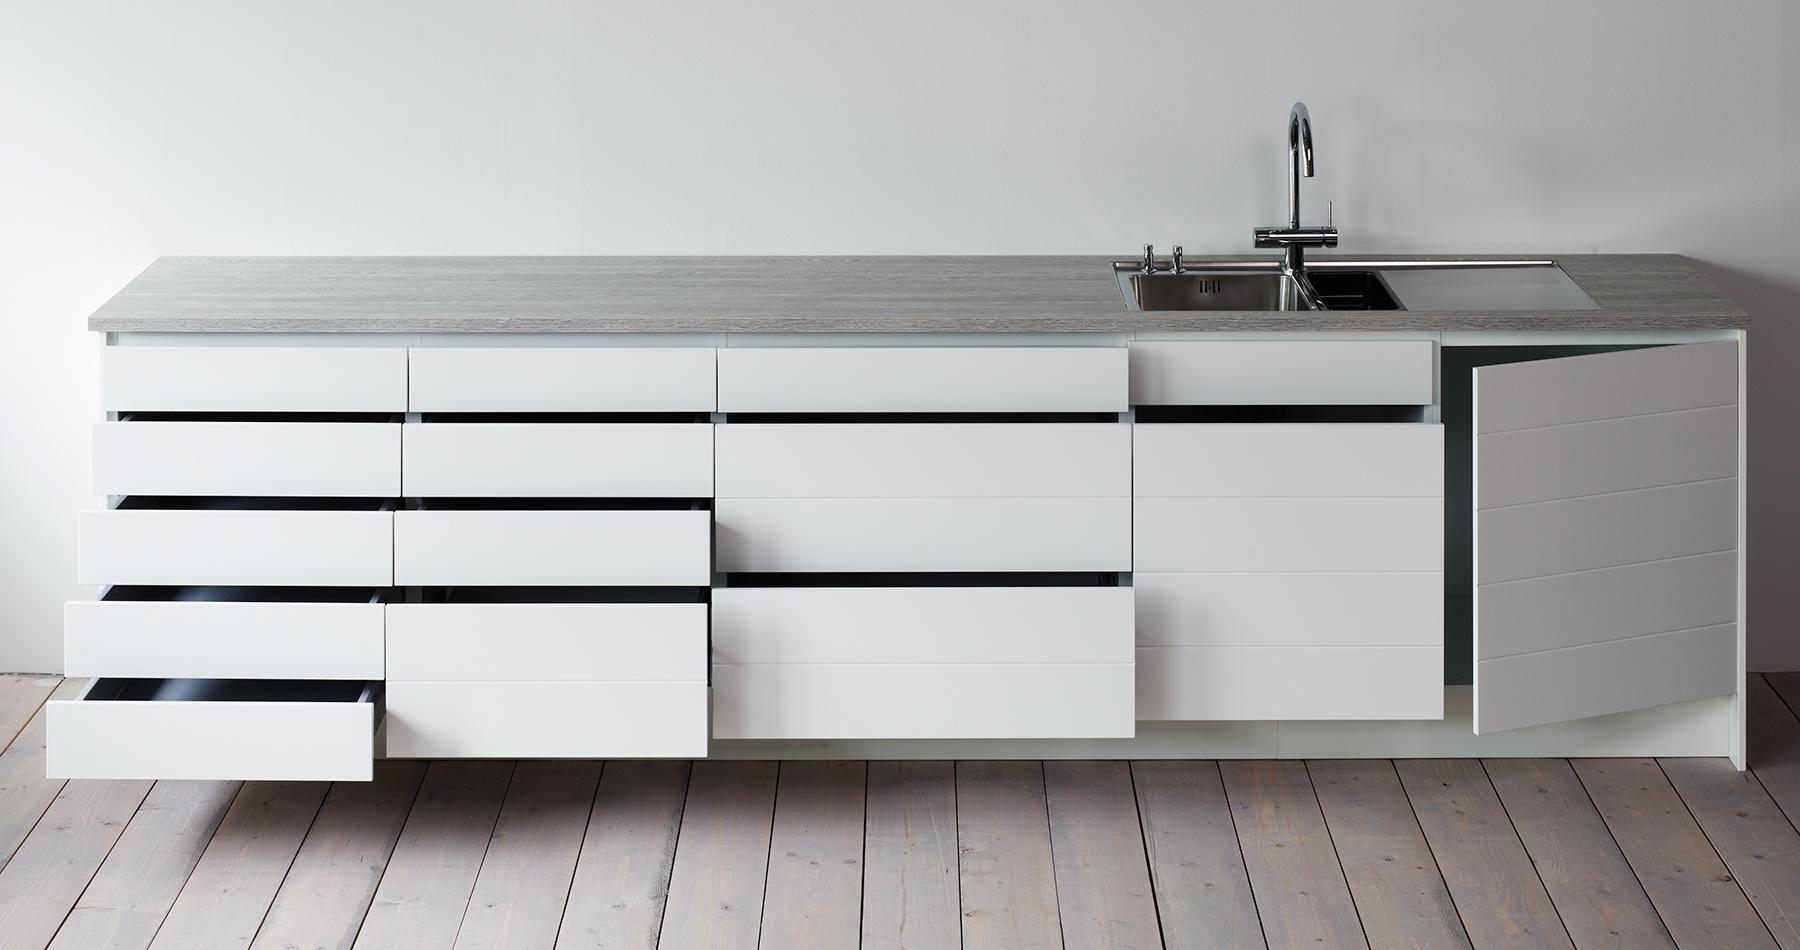 Vårt skåpssortiment   nytt kök badrum och tvättstuga   vedum kök ...